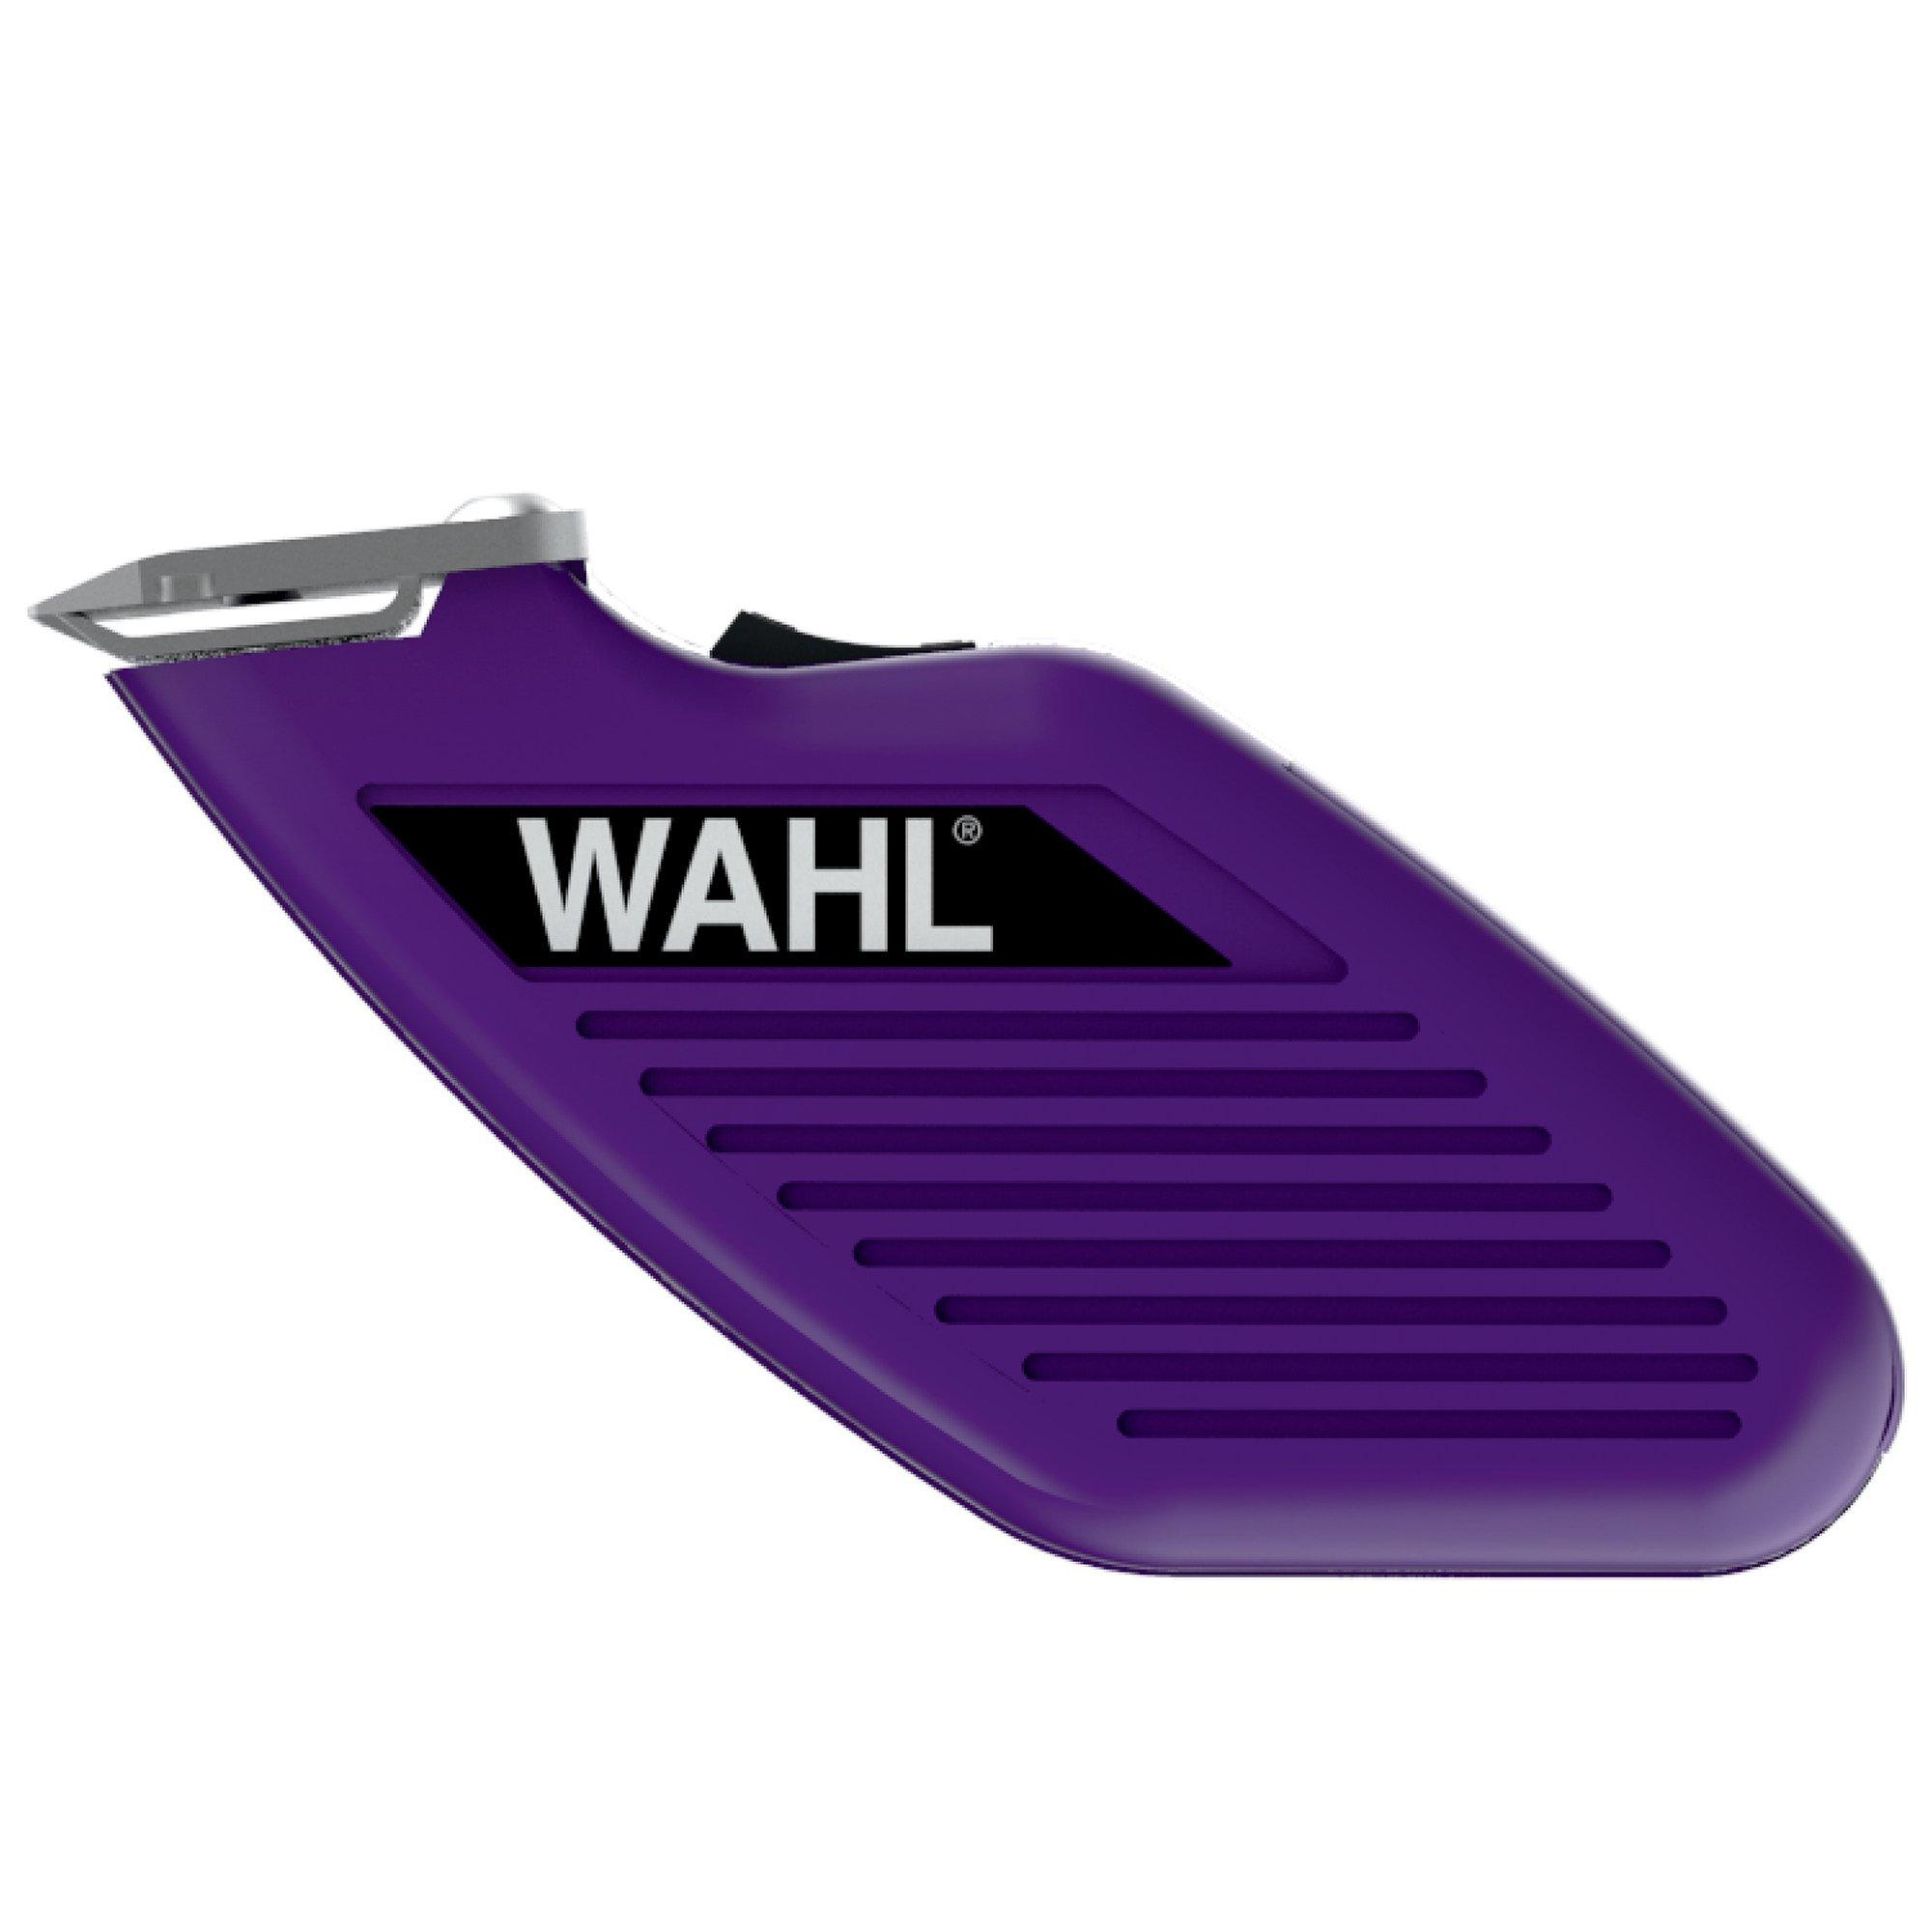 Wahl Professional Animal Pocket Pro Trimmer Purple #9861-930 by Wahl Professional Animal (Image #1)